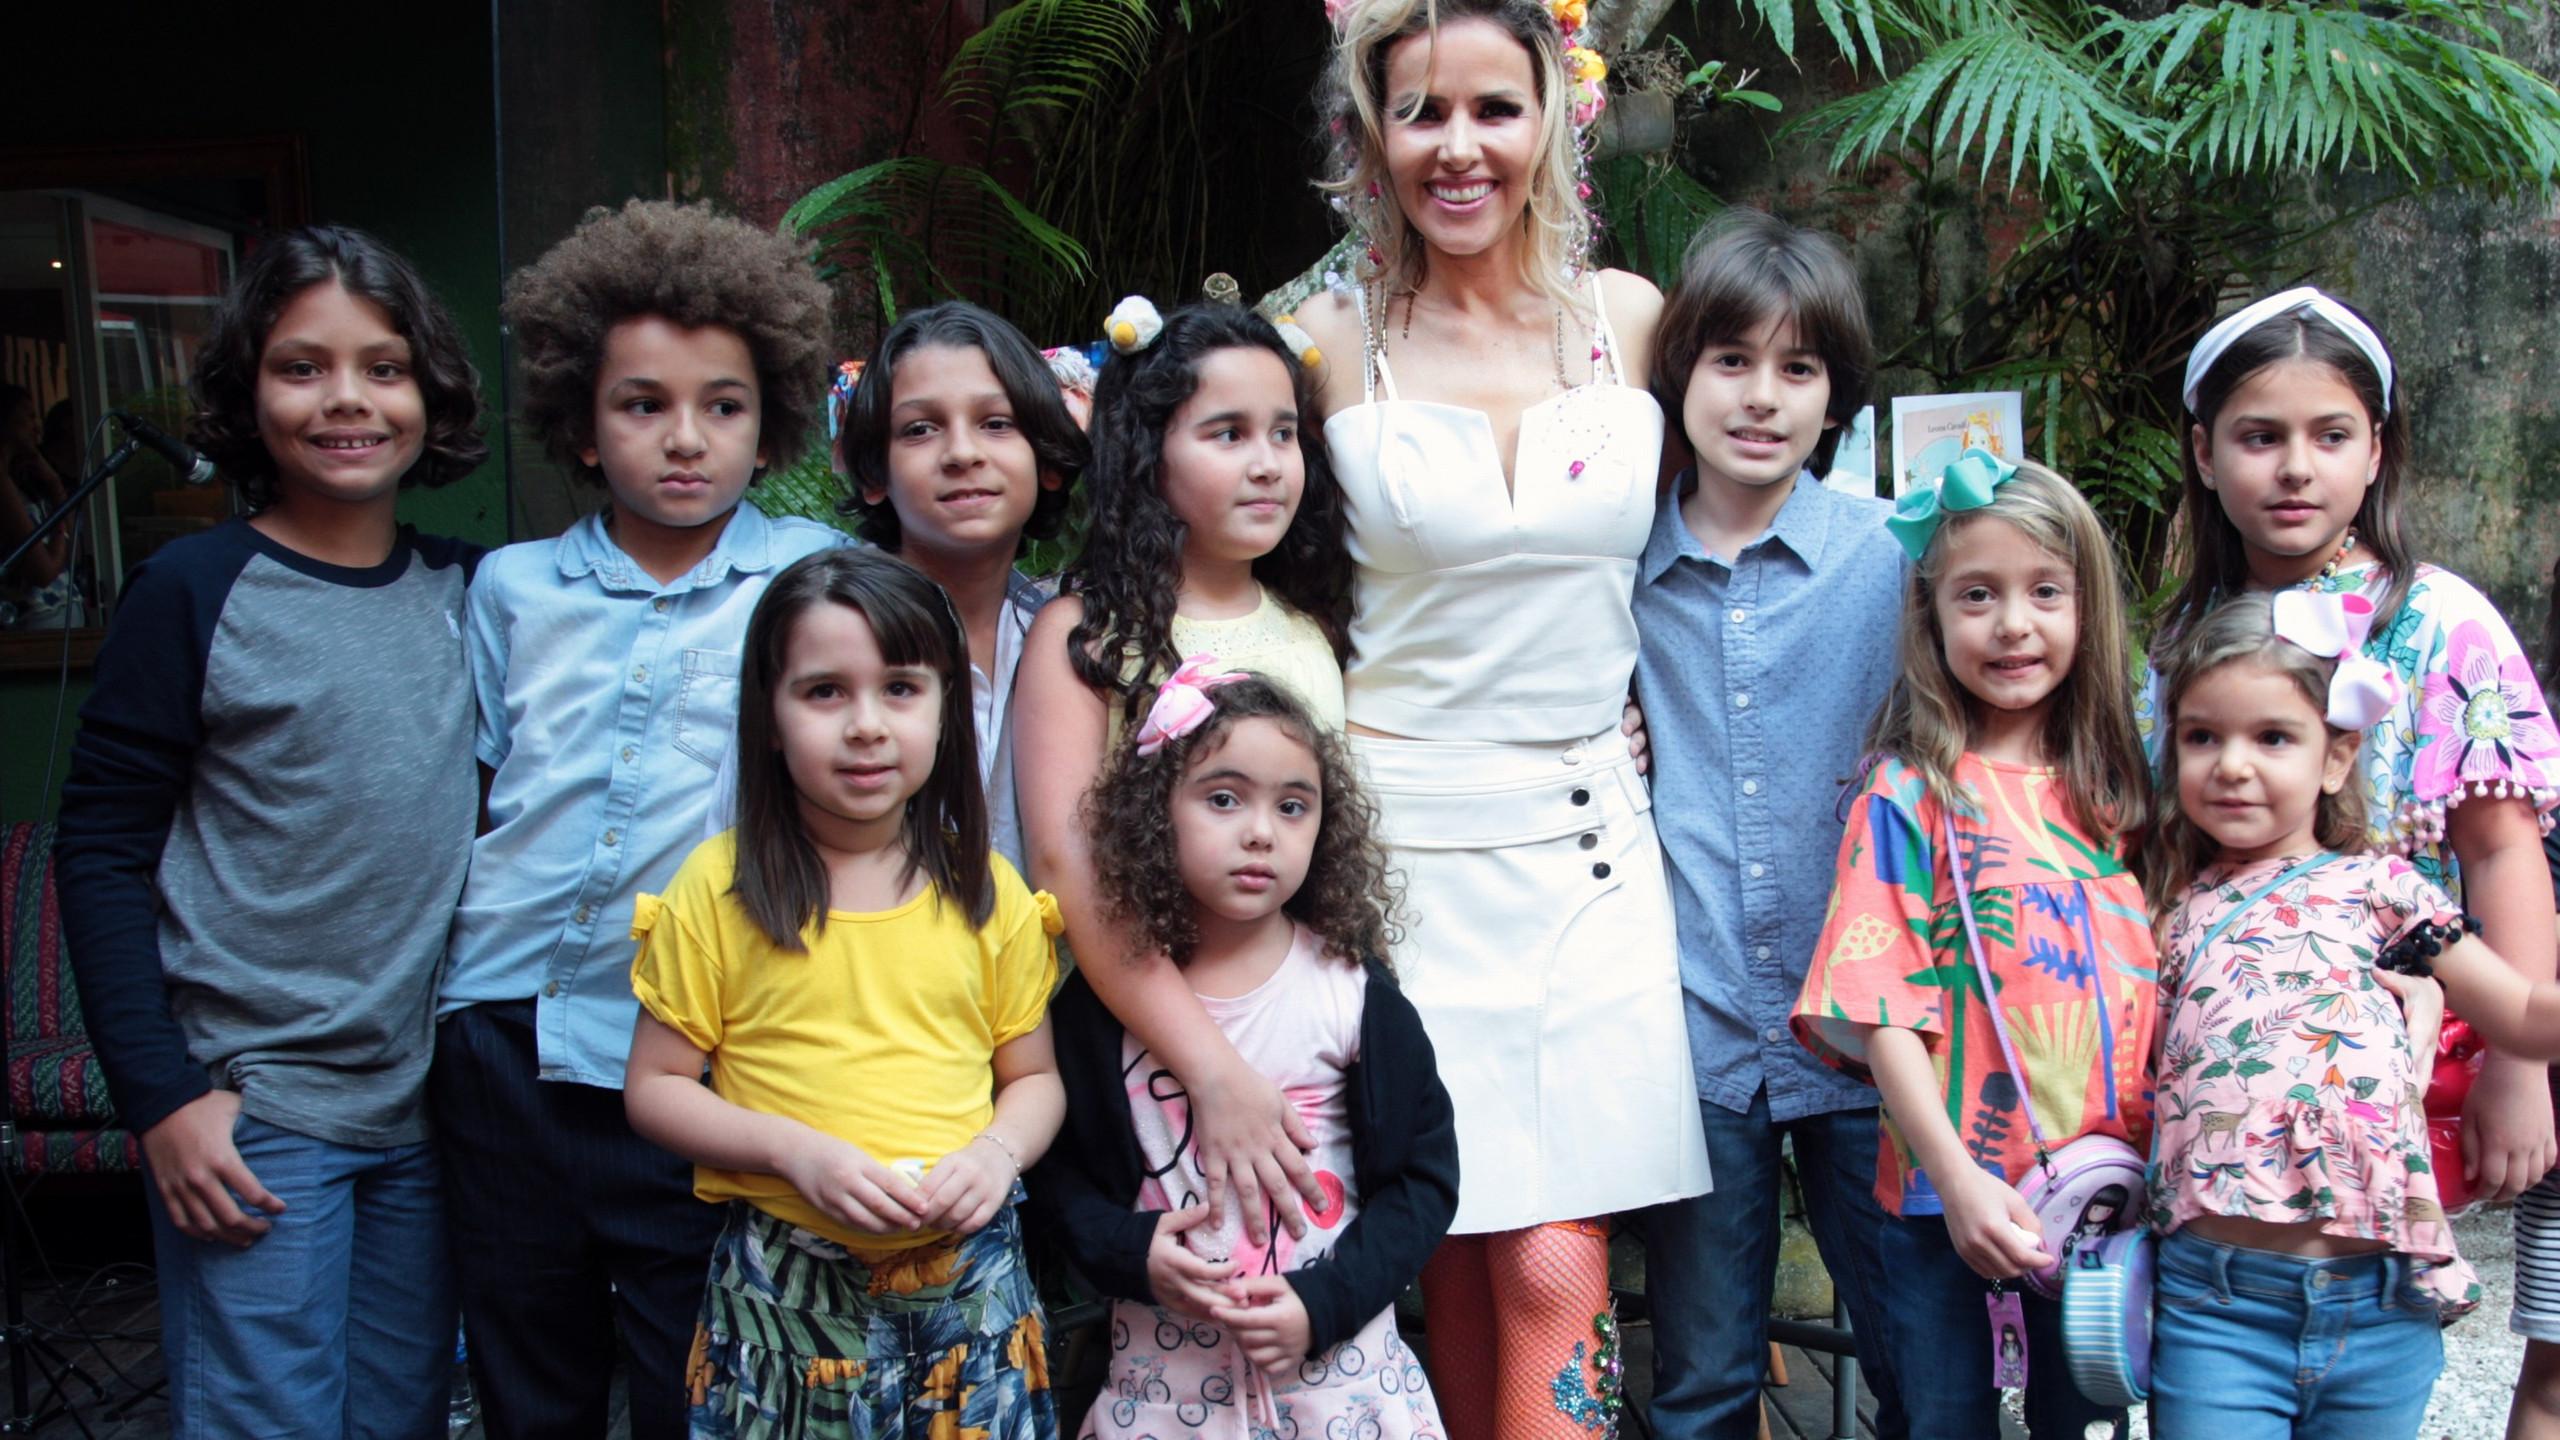 Leona_Cavalli_e_as_Crianças